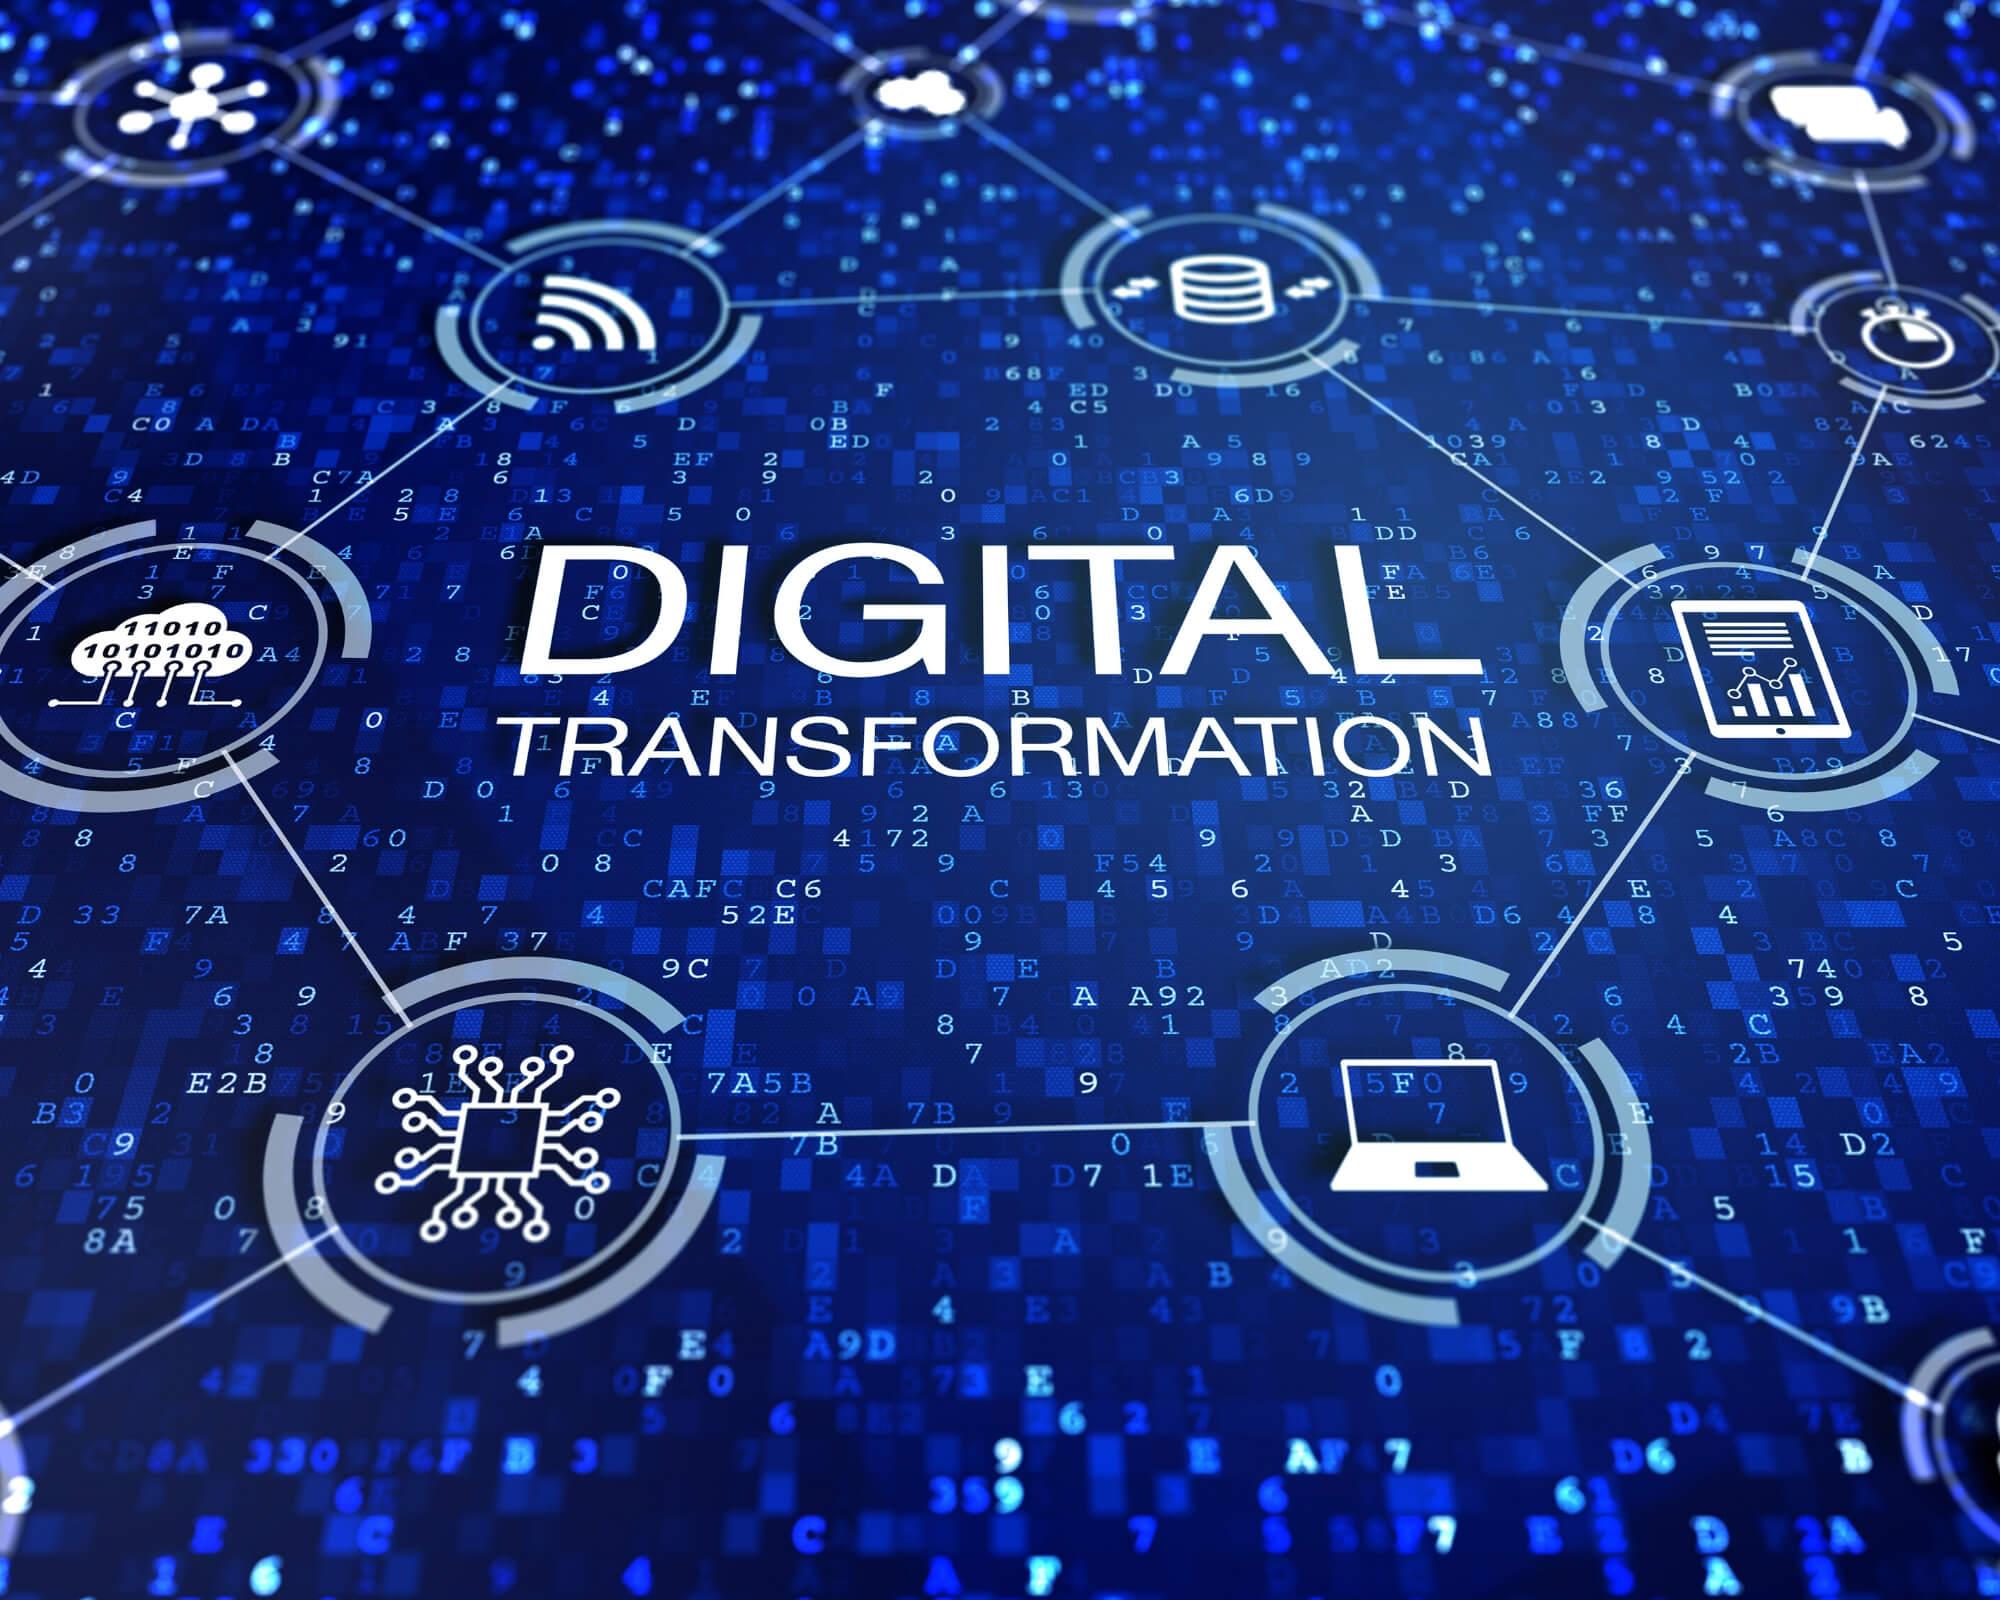 la transformación digital va unida a la tecnología